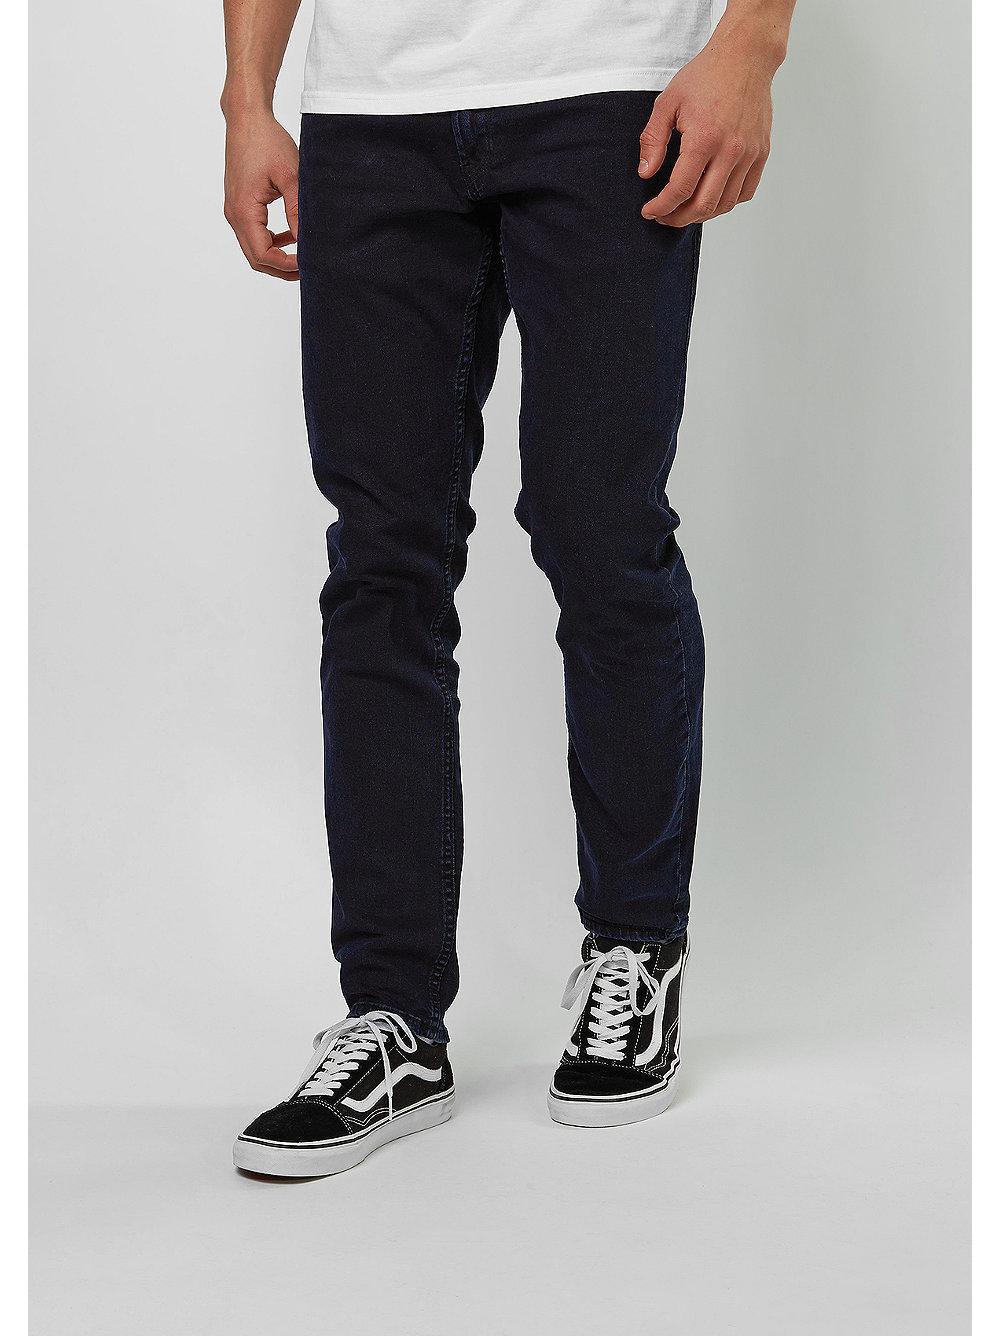 Jeans-Hose Spider blue/black